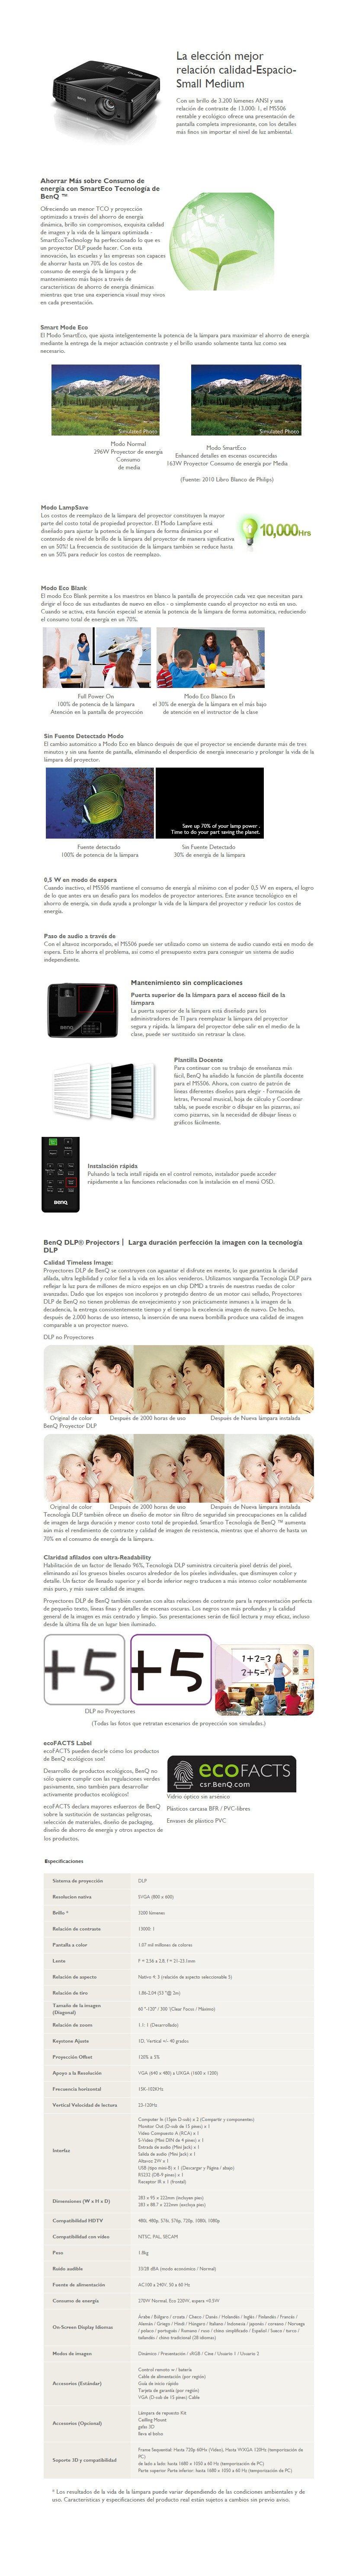 proyector benq ms506